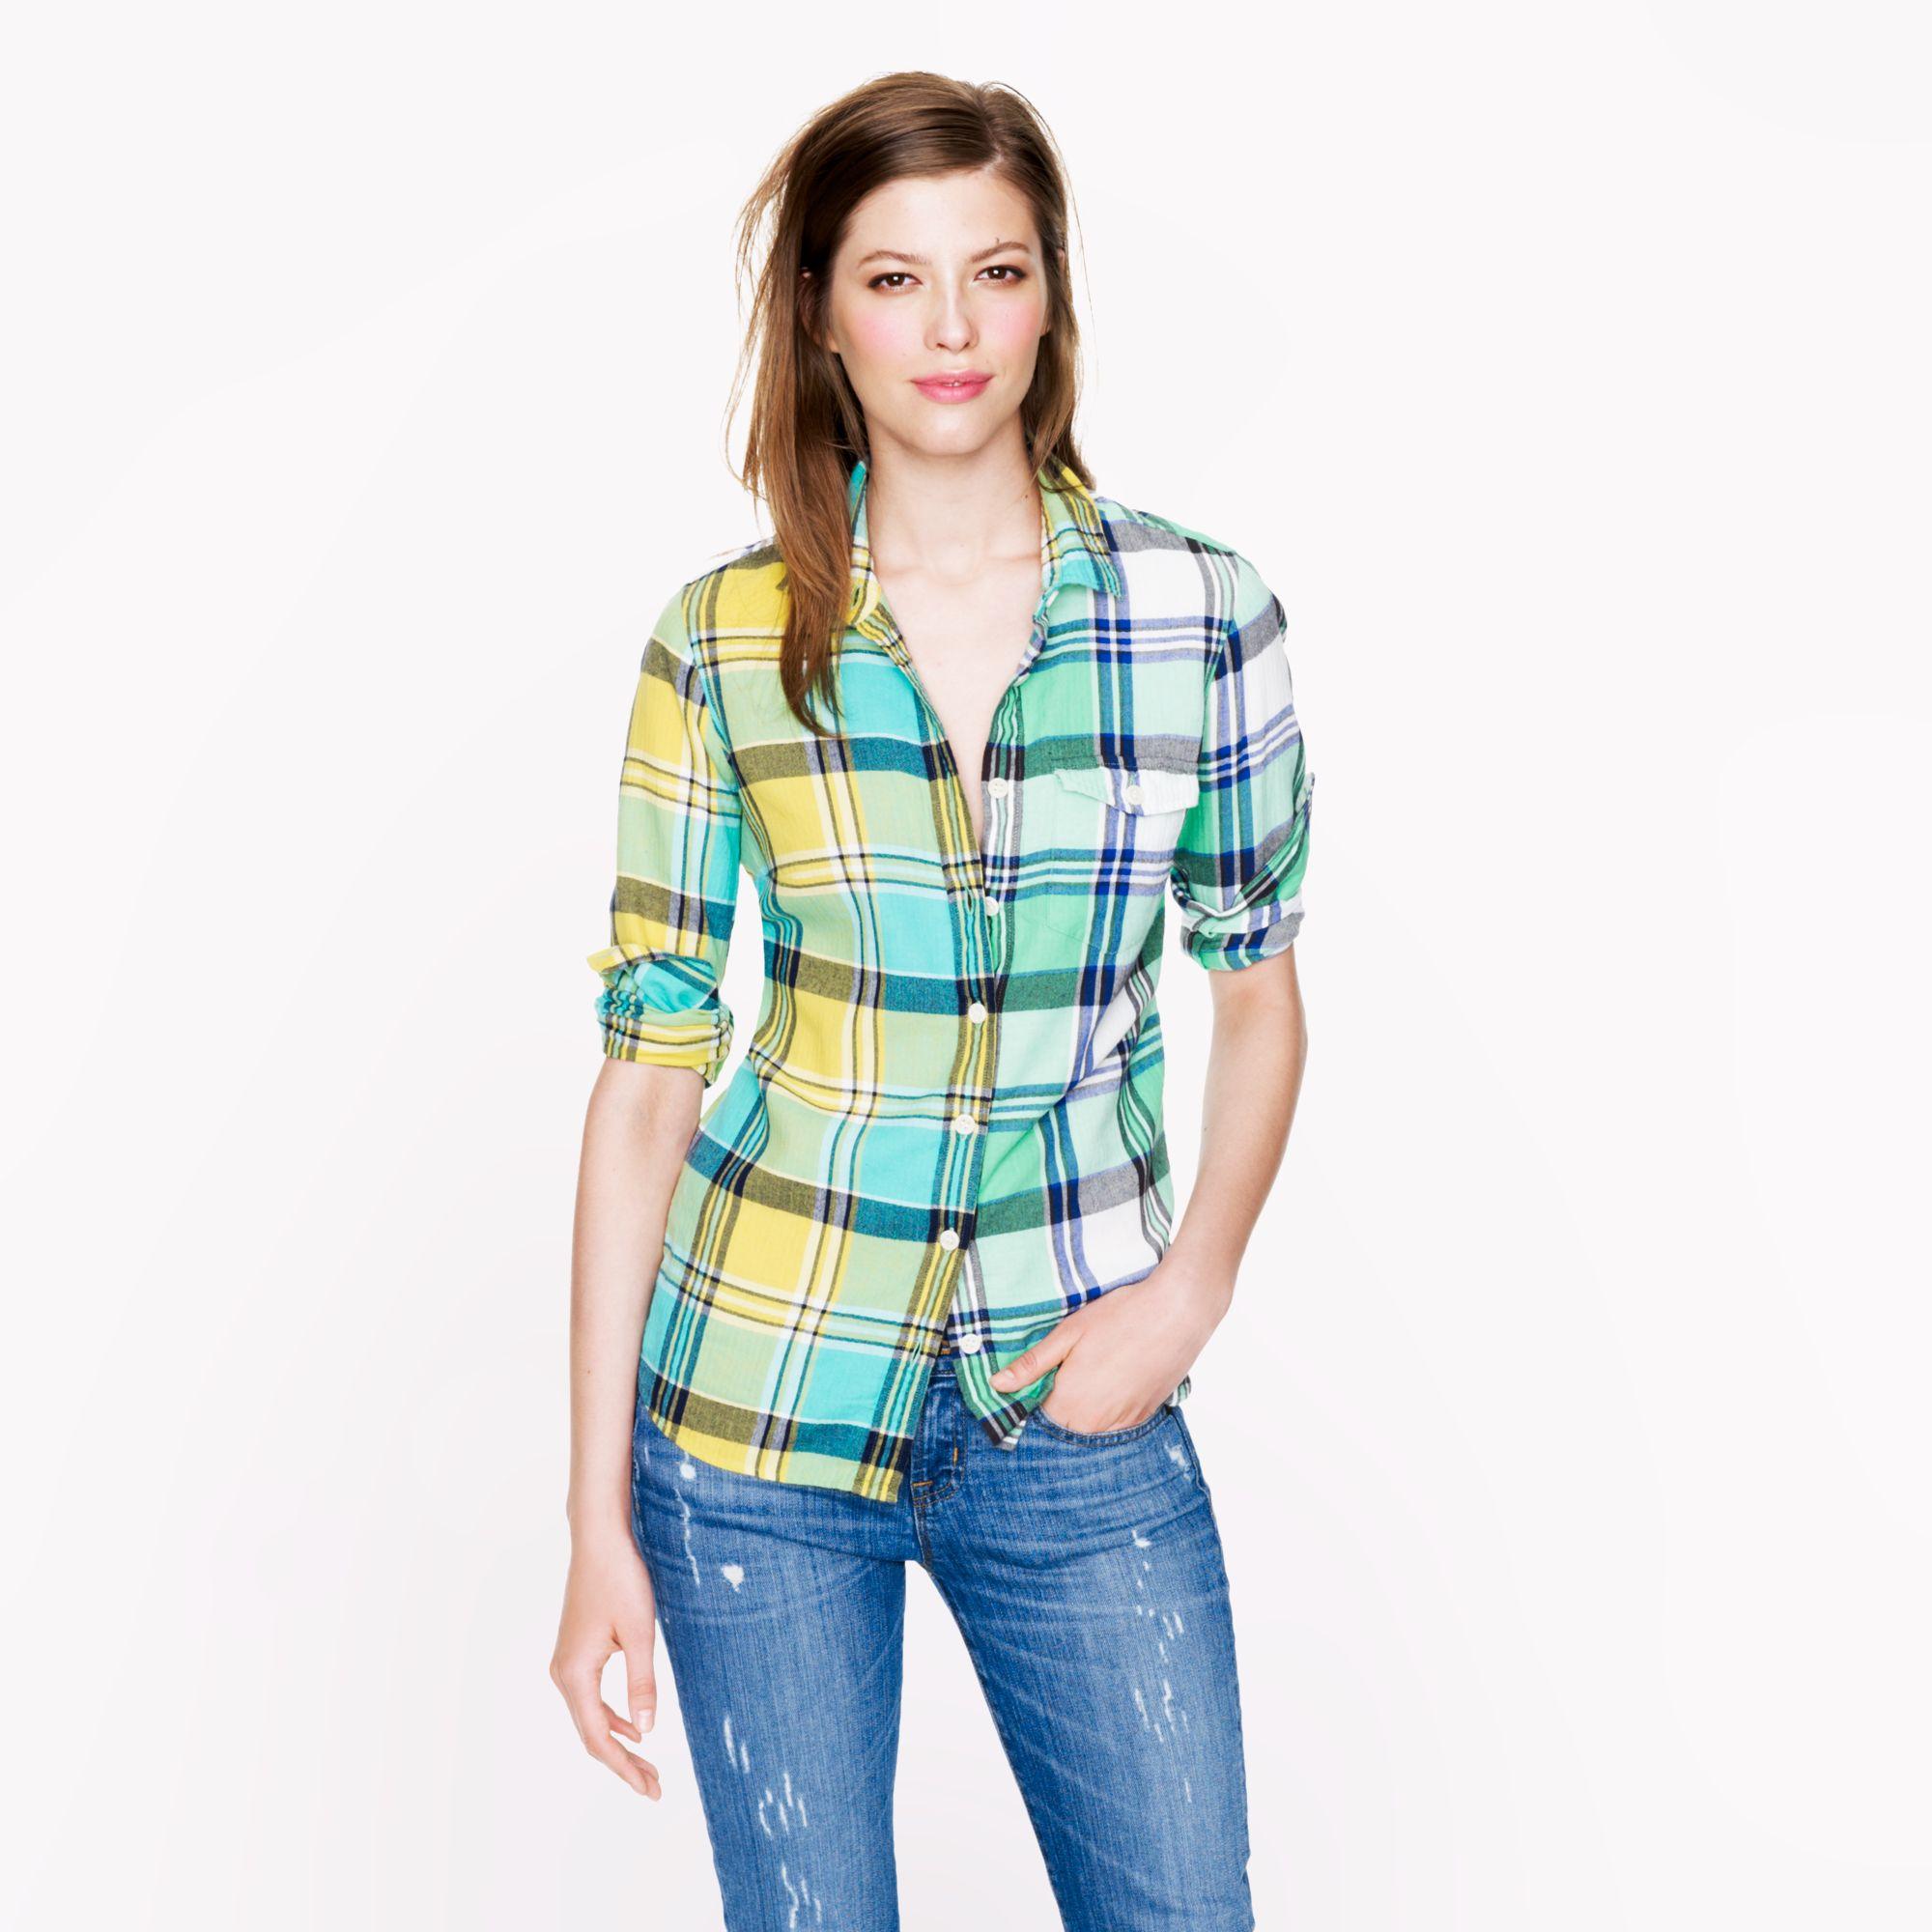 J.Crew Boy Shirt in Green Plaid - Lyst 56940b786